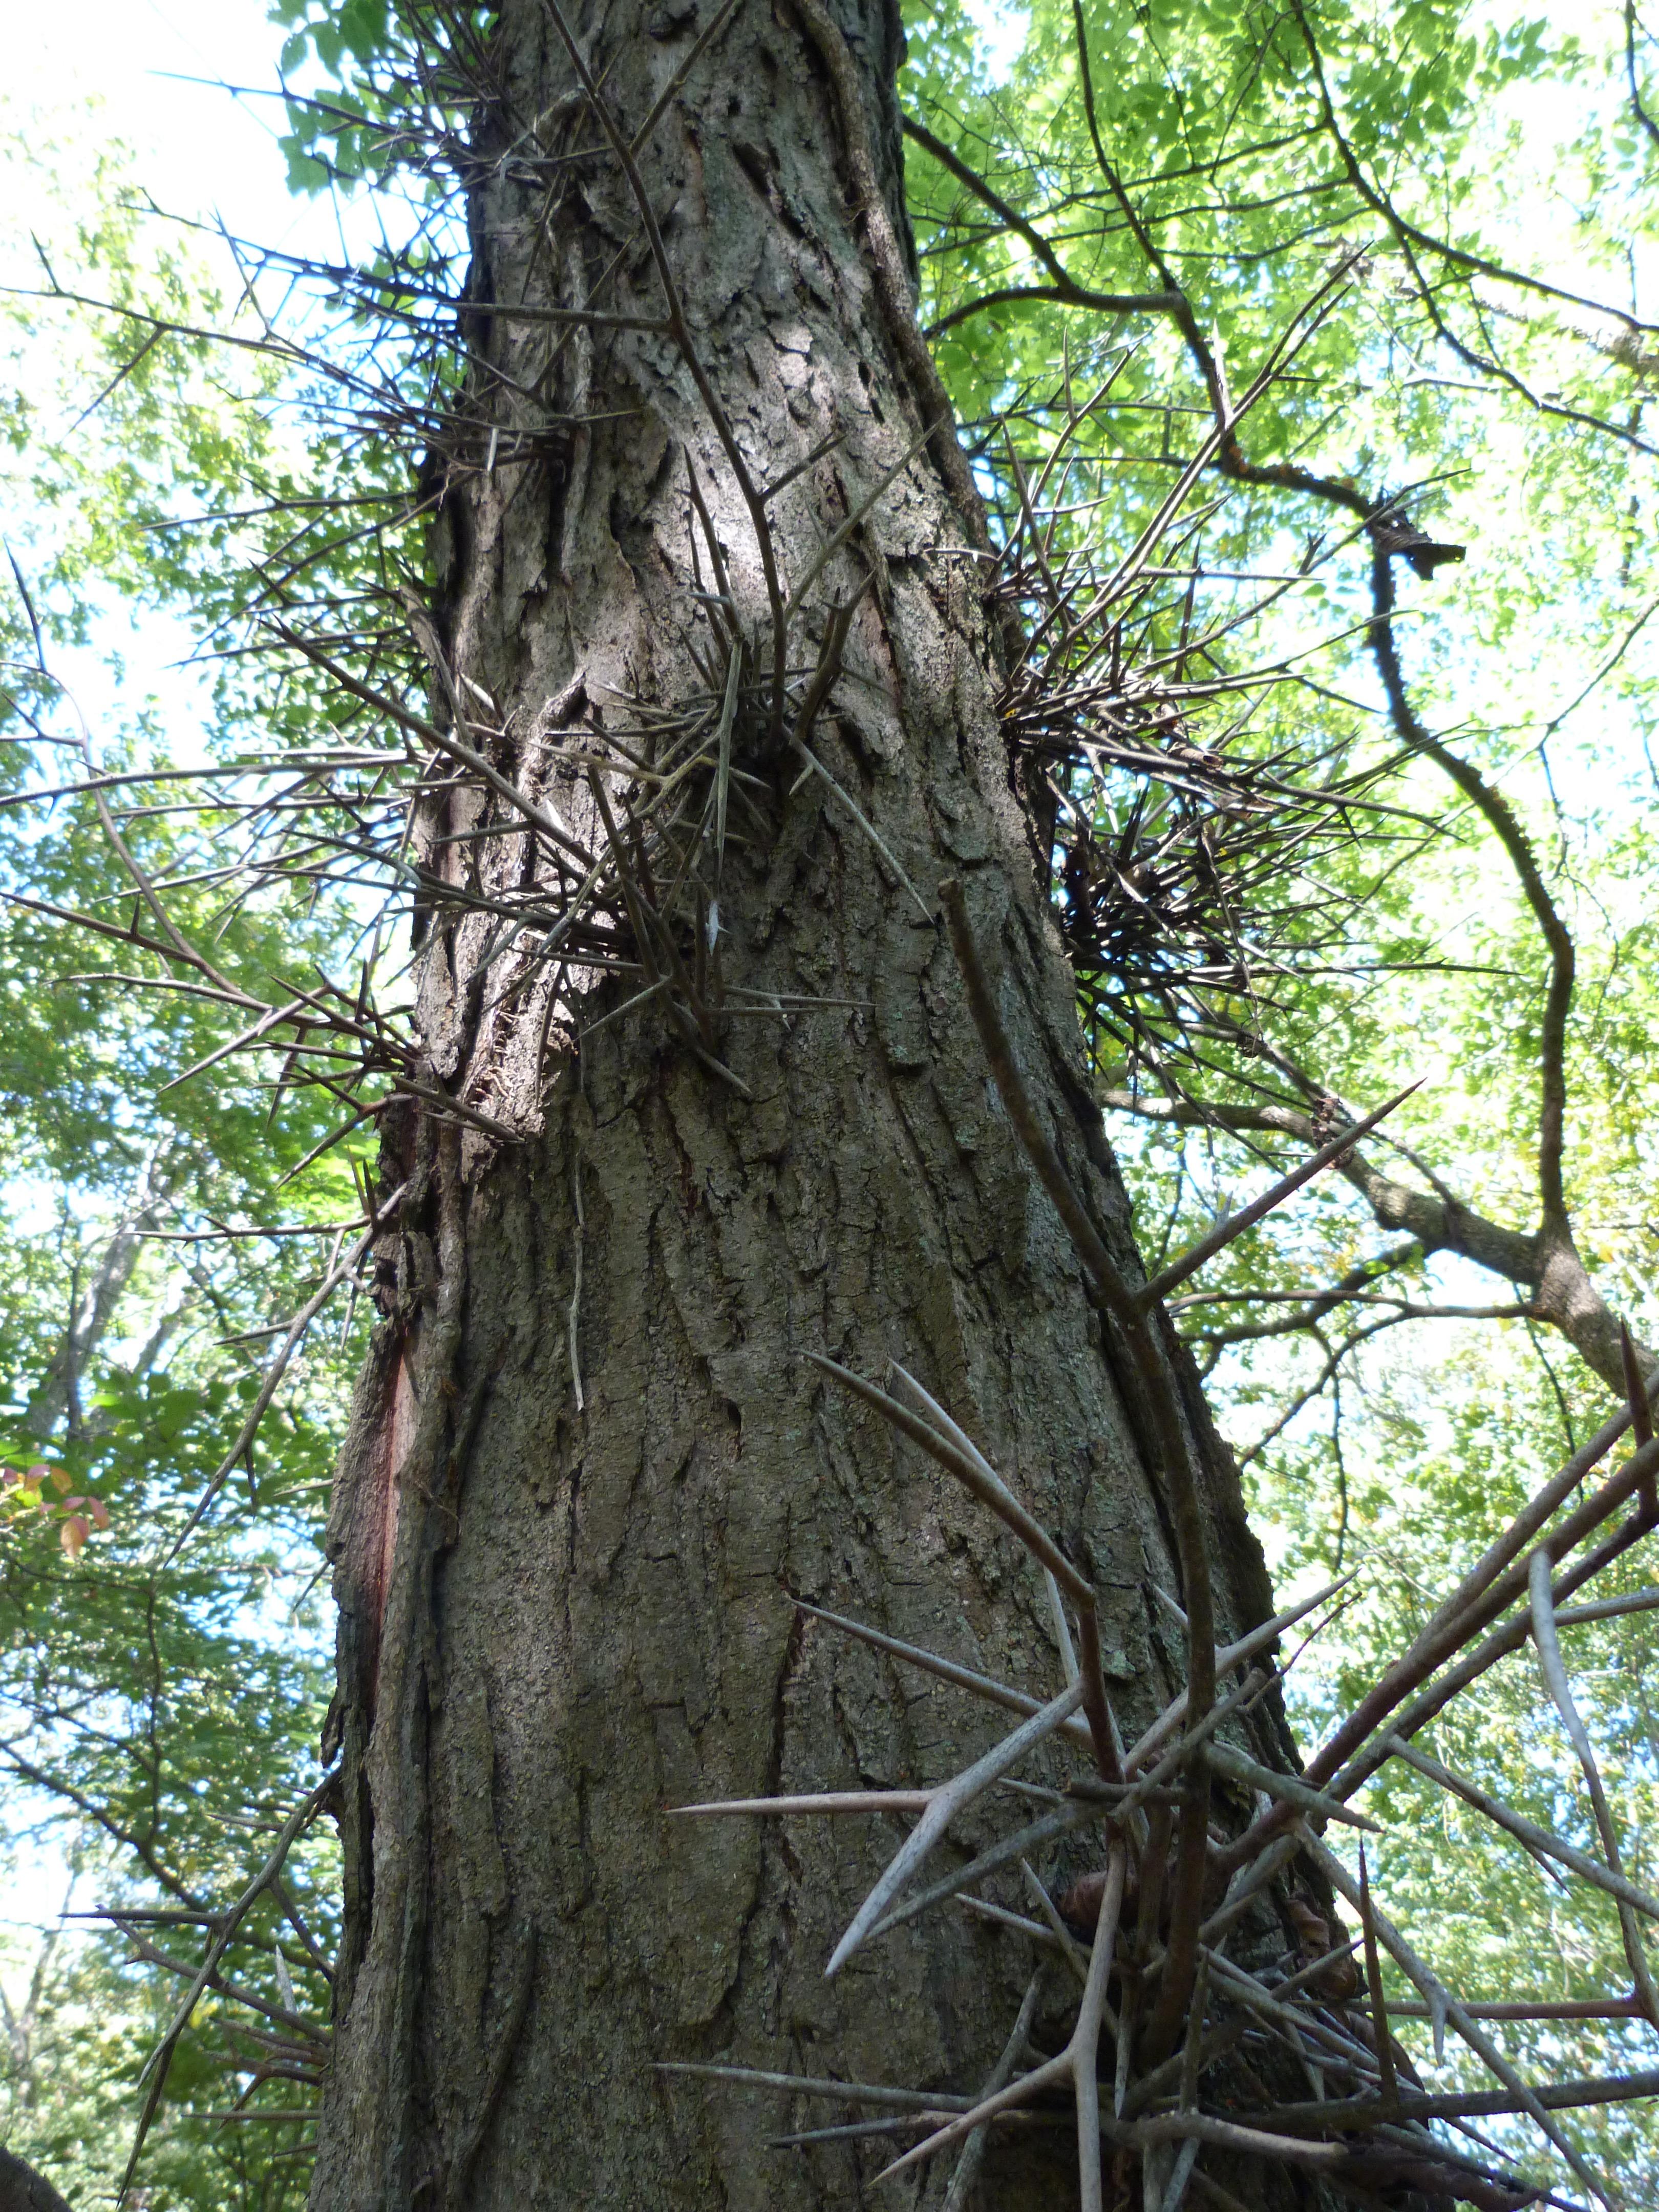 Honey Locust trunk and thorns